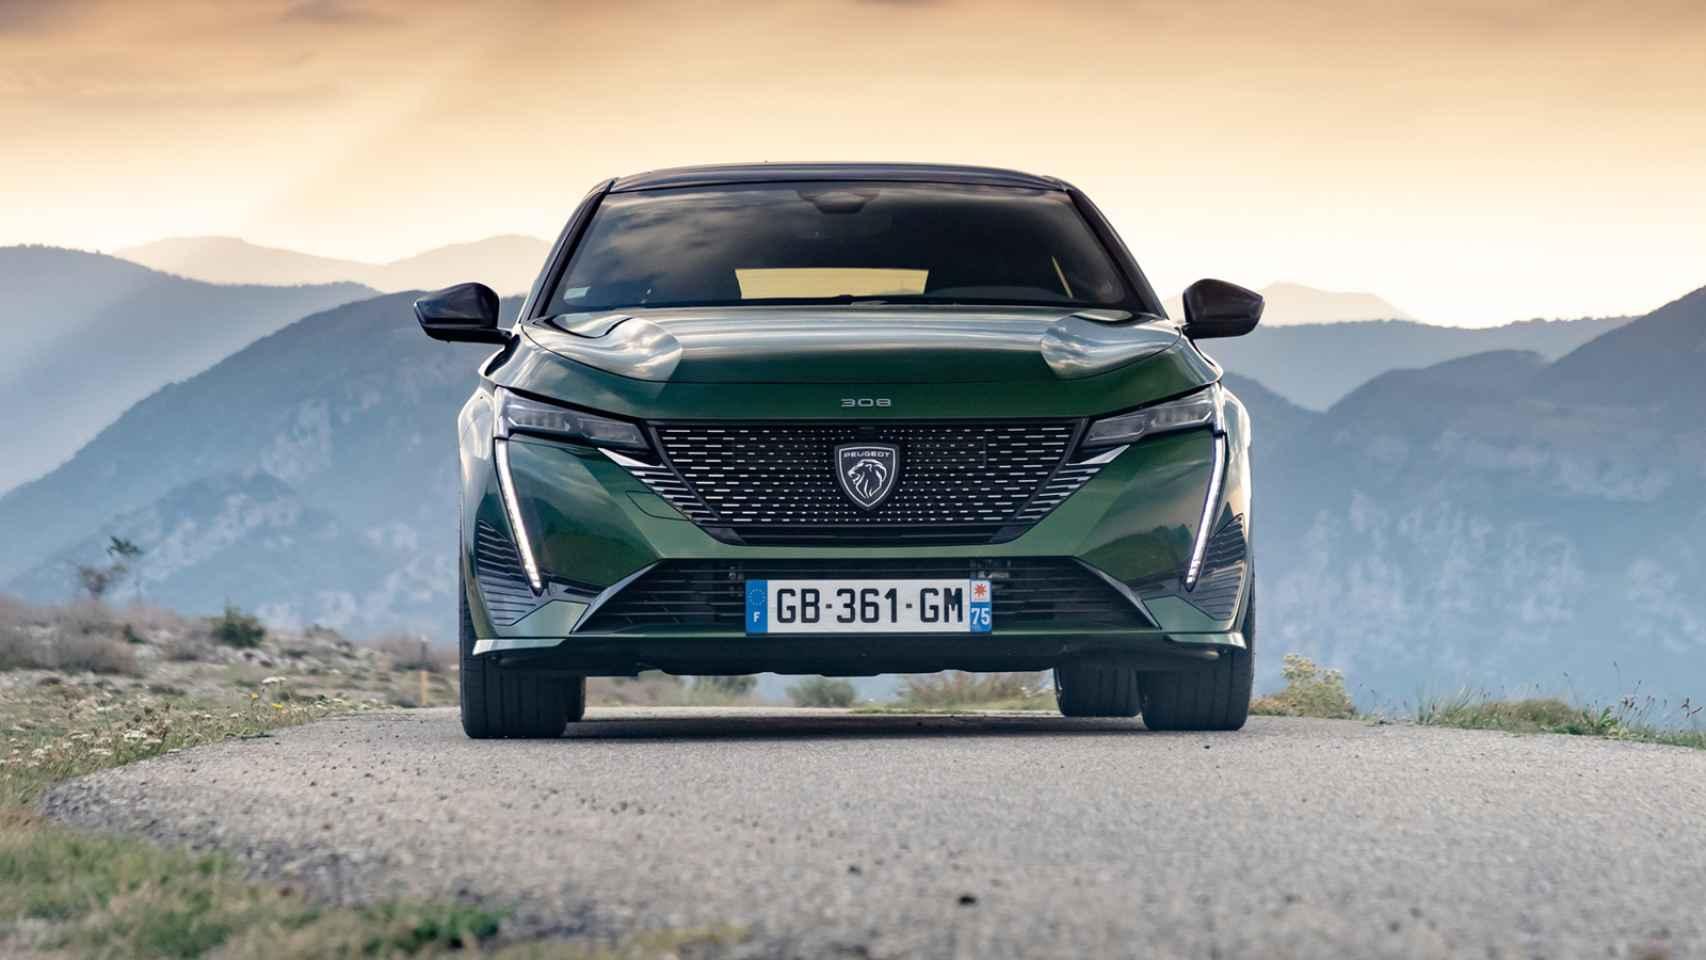 Galería de fotos del nuevo Peugeot 308: más diseño, tecnología y electrificado